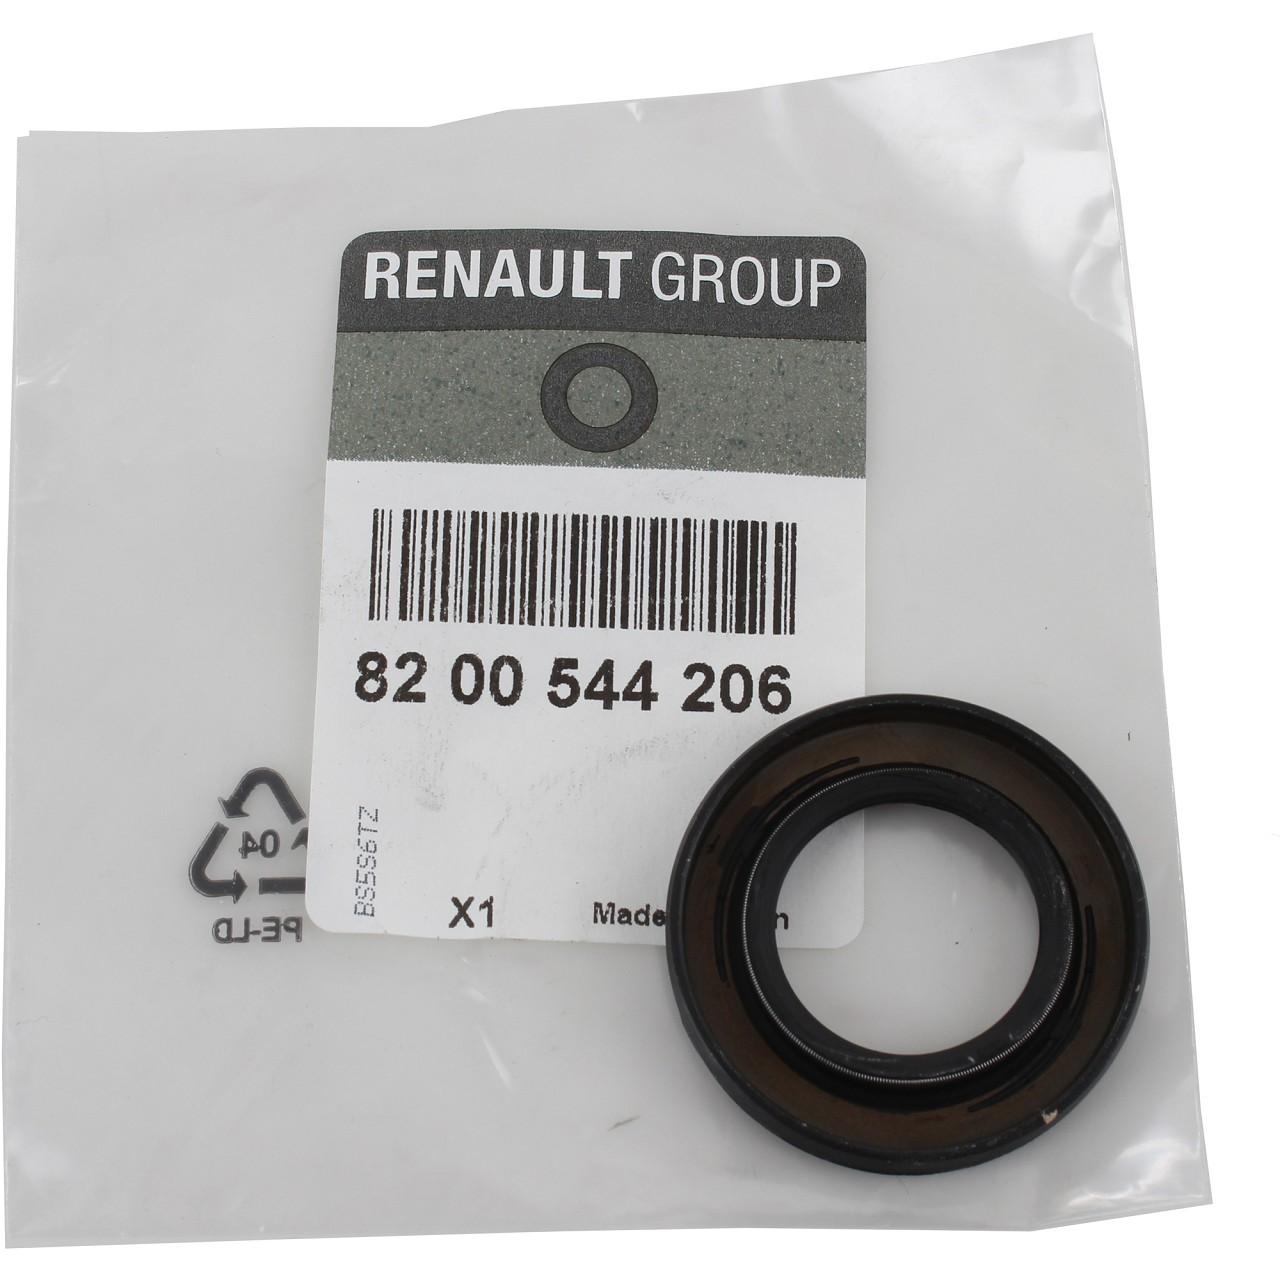 ORIGINAL Renault Wellendichtring Simmering Kurbelwelle 24,5x42x6 8200544206